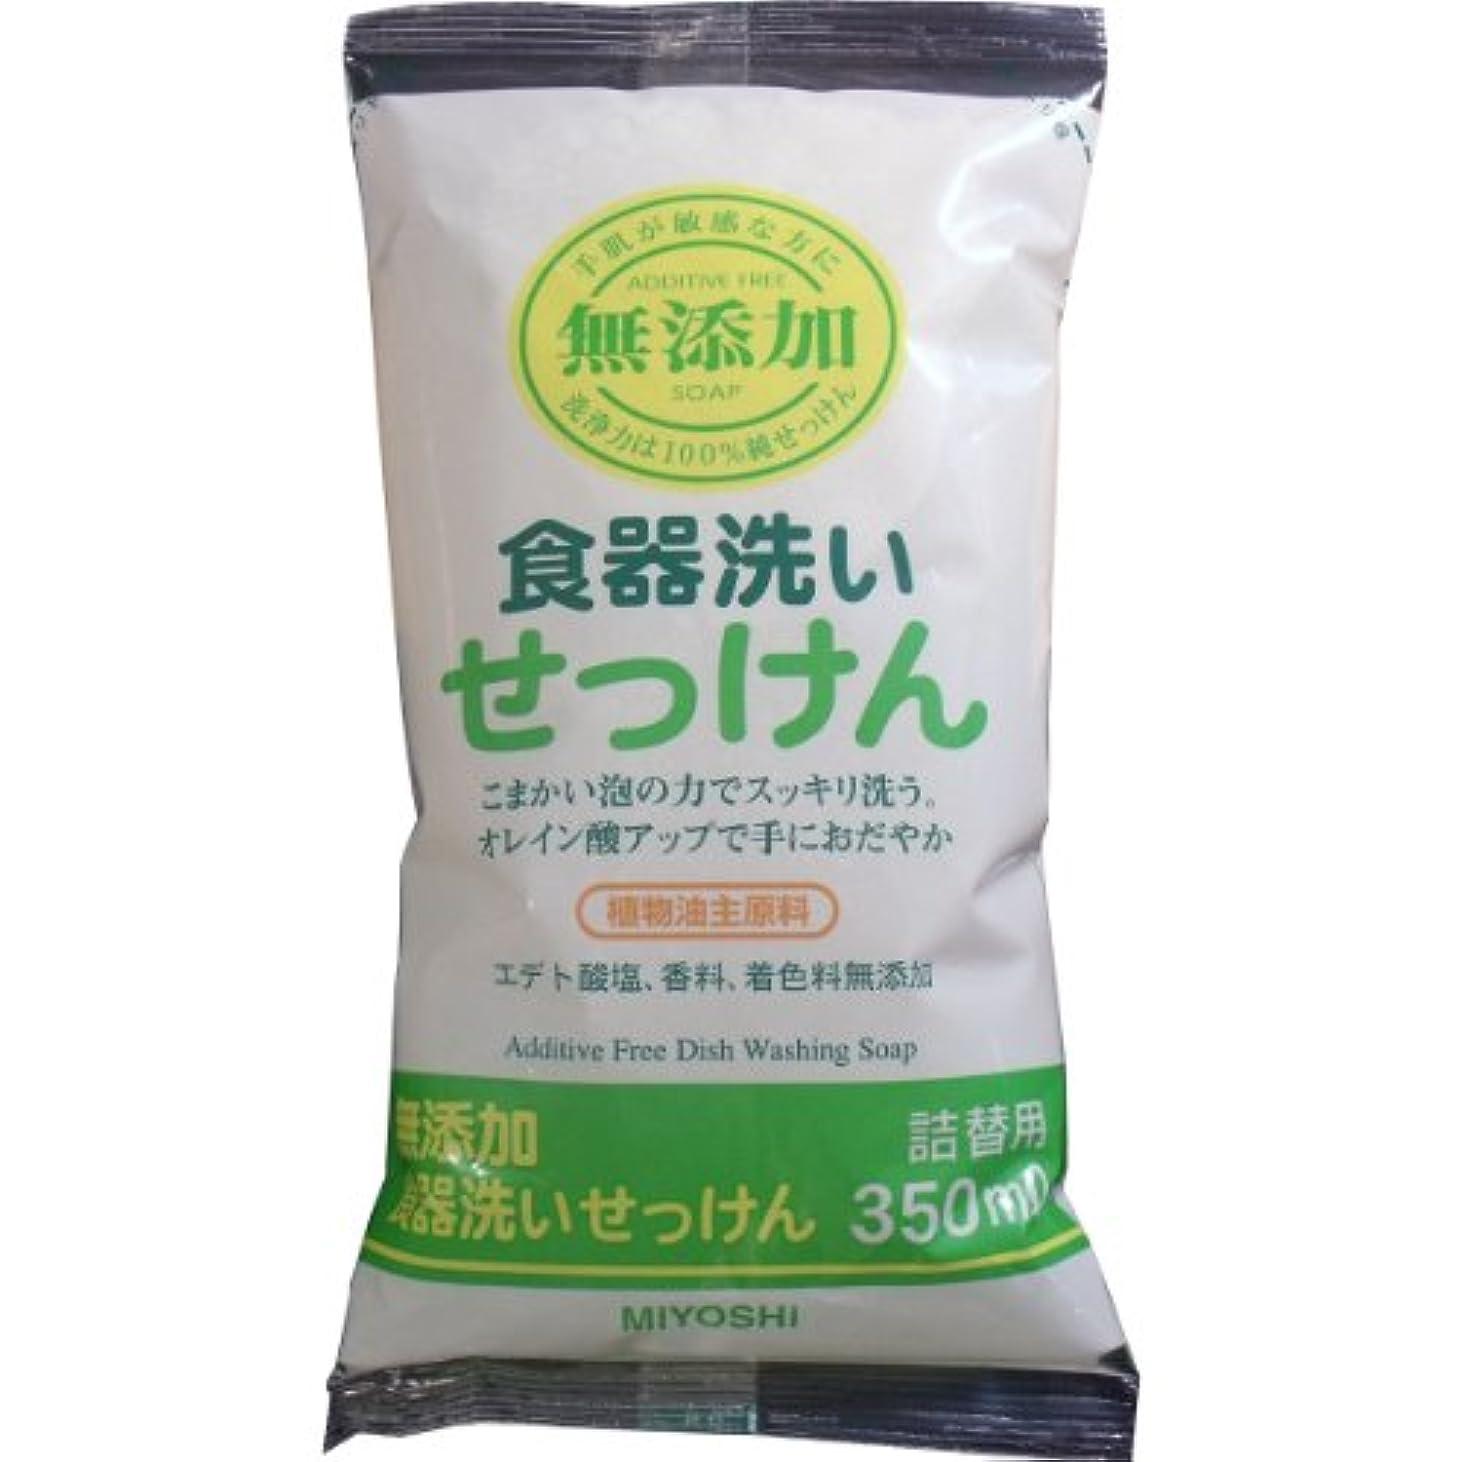 家事面先駆者ミヨシ 無添加 食器洗いせっけん つめかえ用 350ml(無添加石鹸)